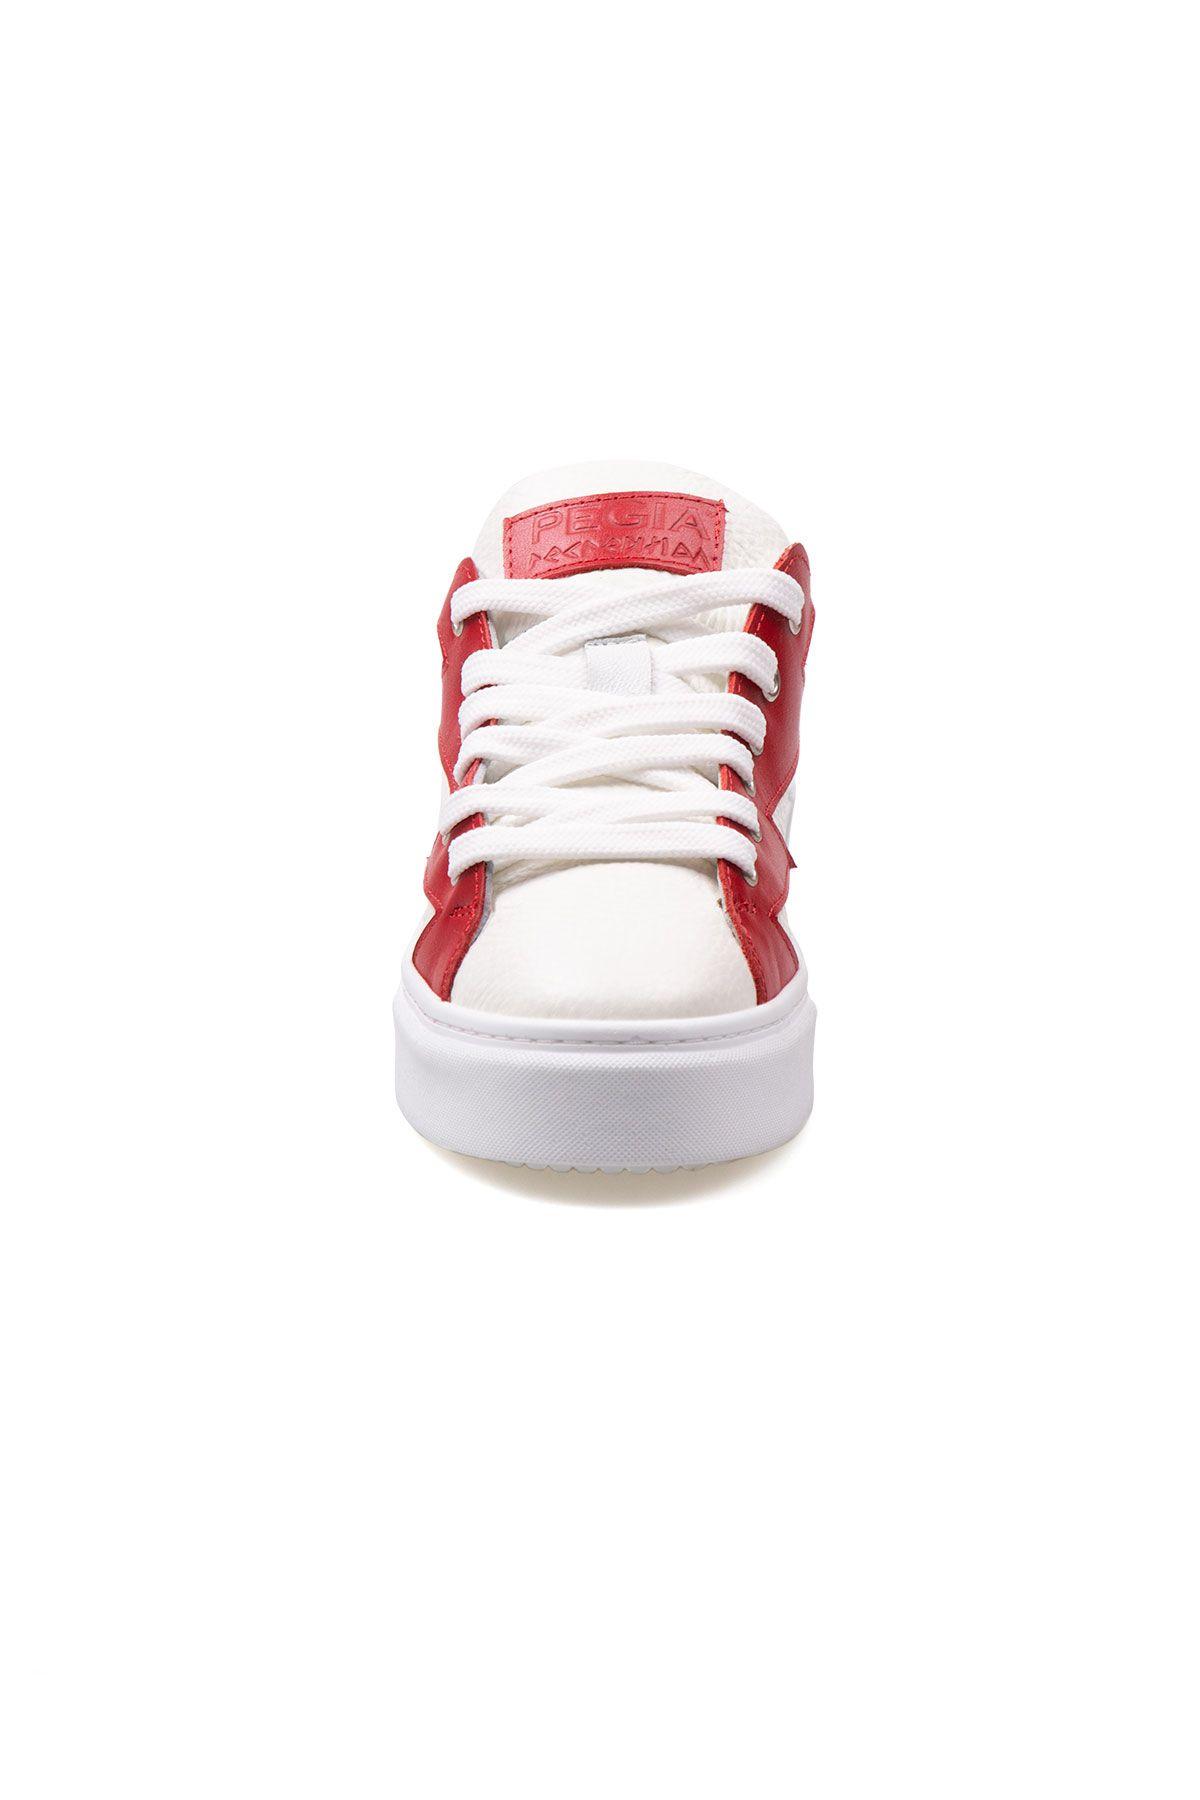 Pegia Genuine Leather Women's Sneaker LA1506 White